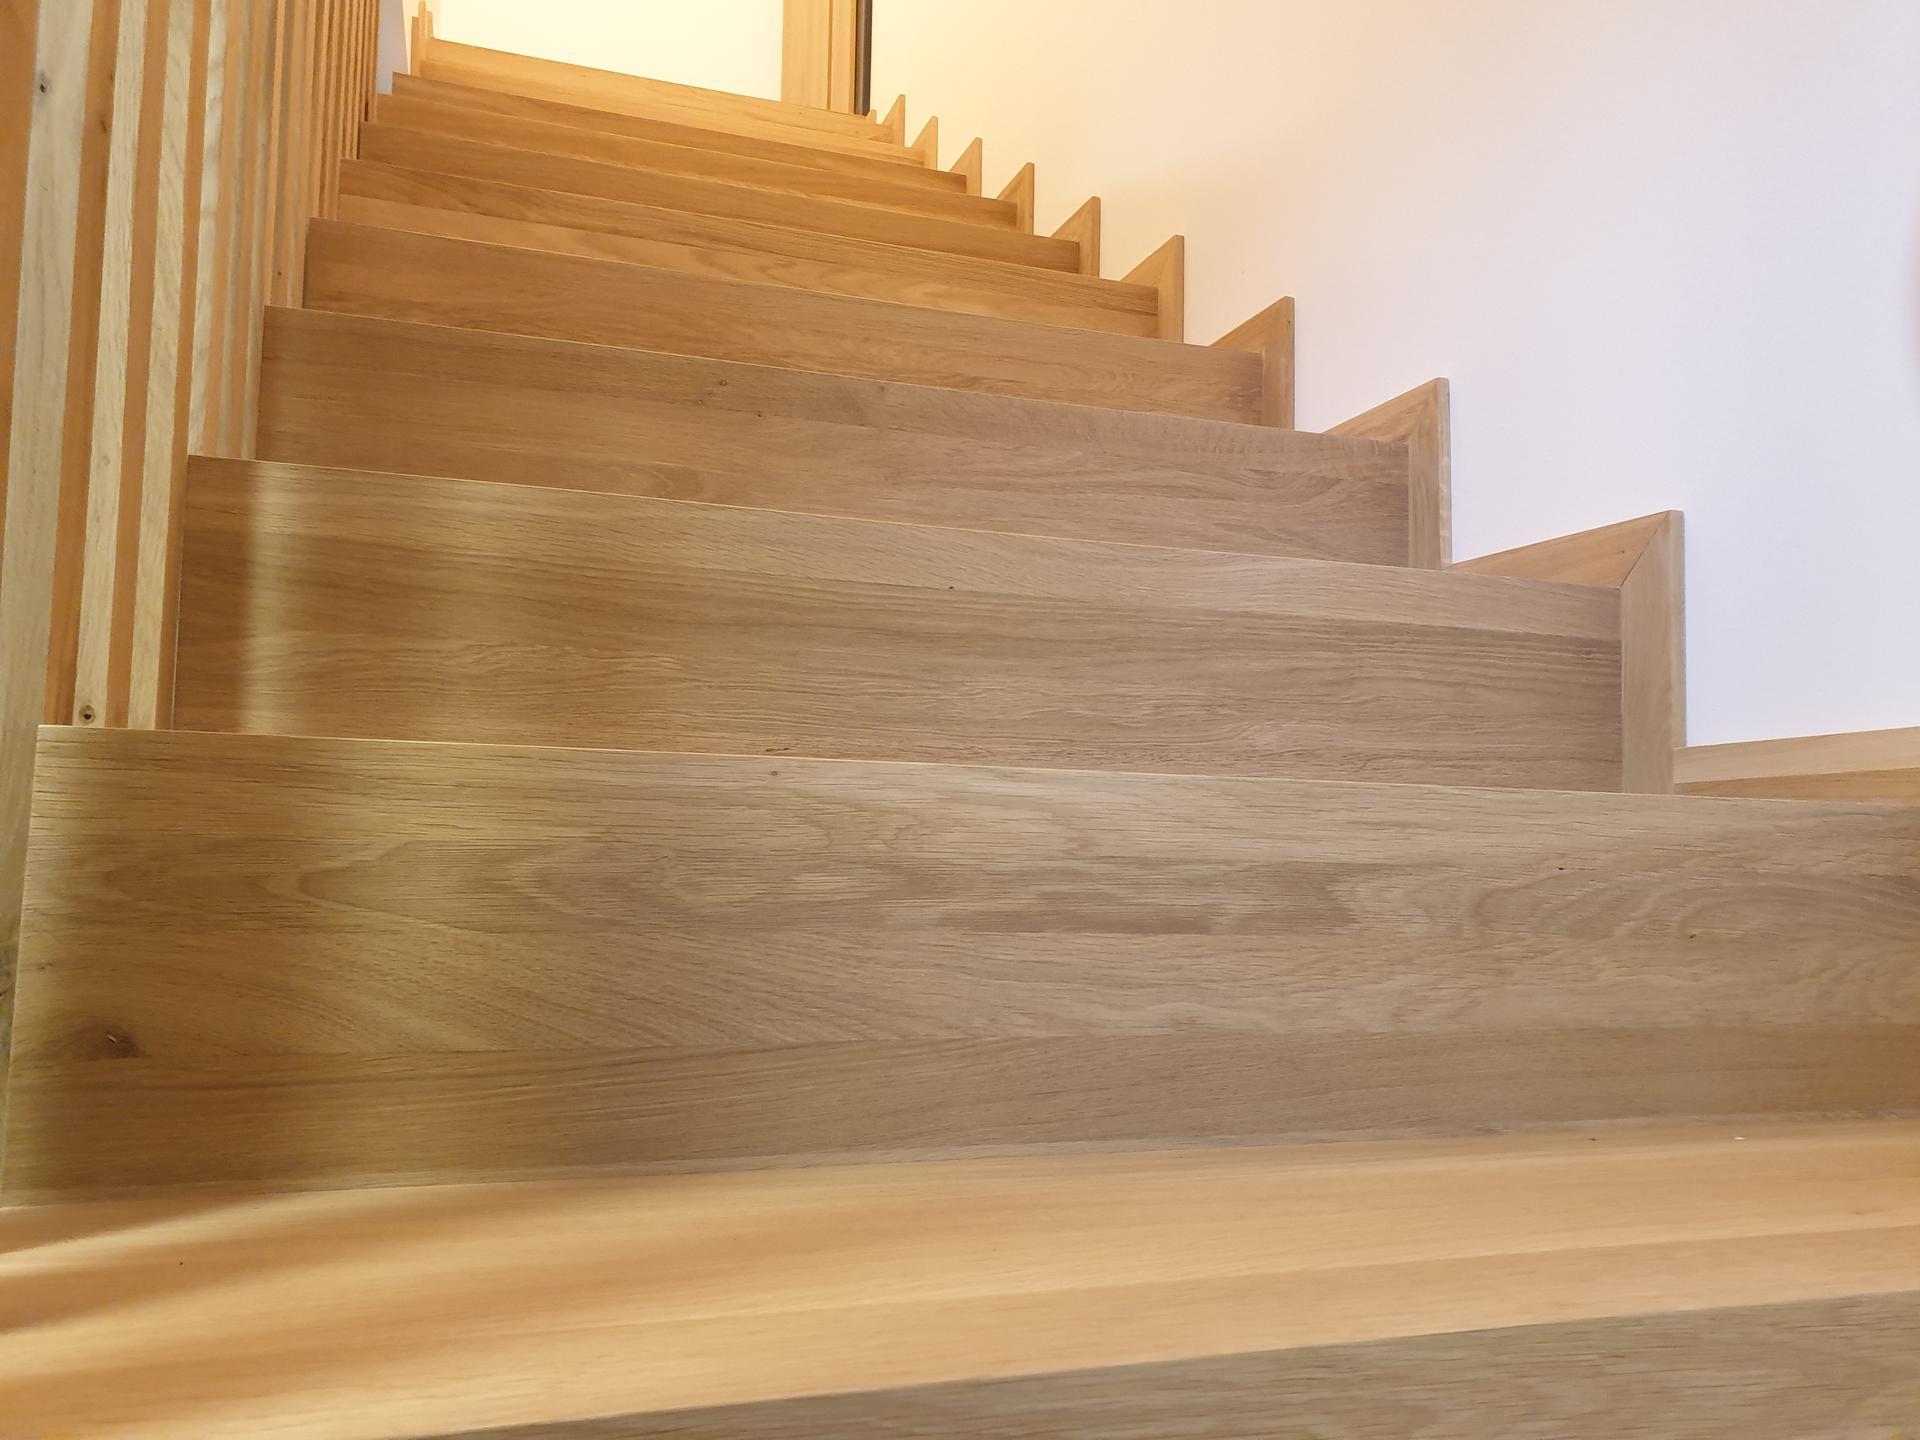 Moderné schodisko - DUB + lamely - Obrázok č. 14